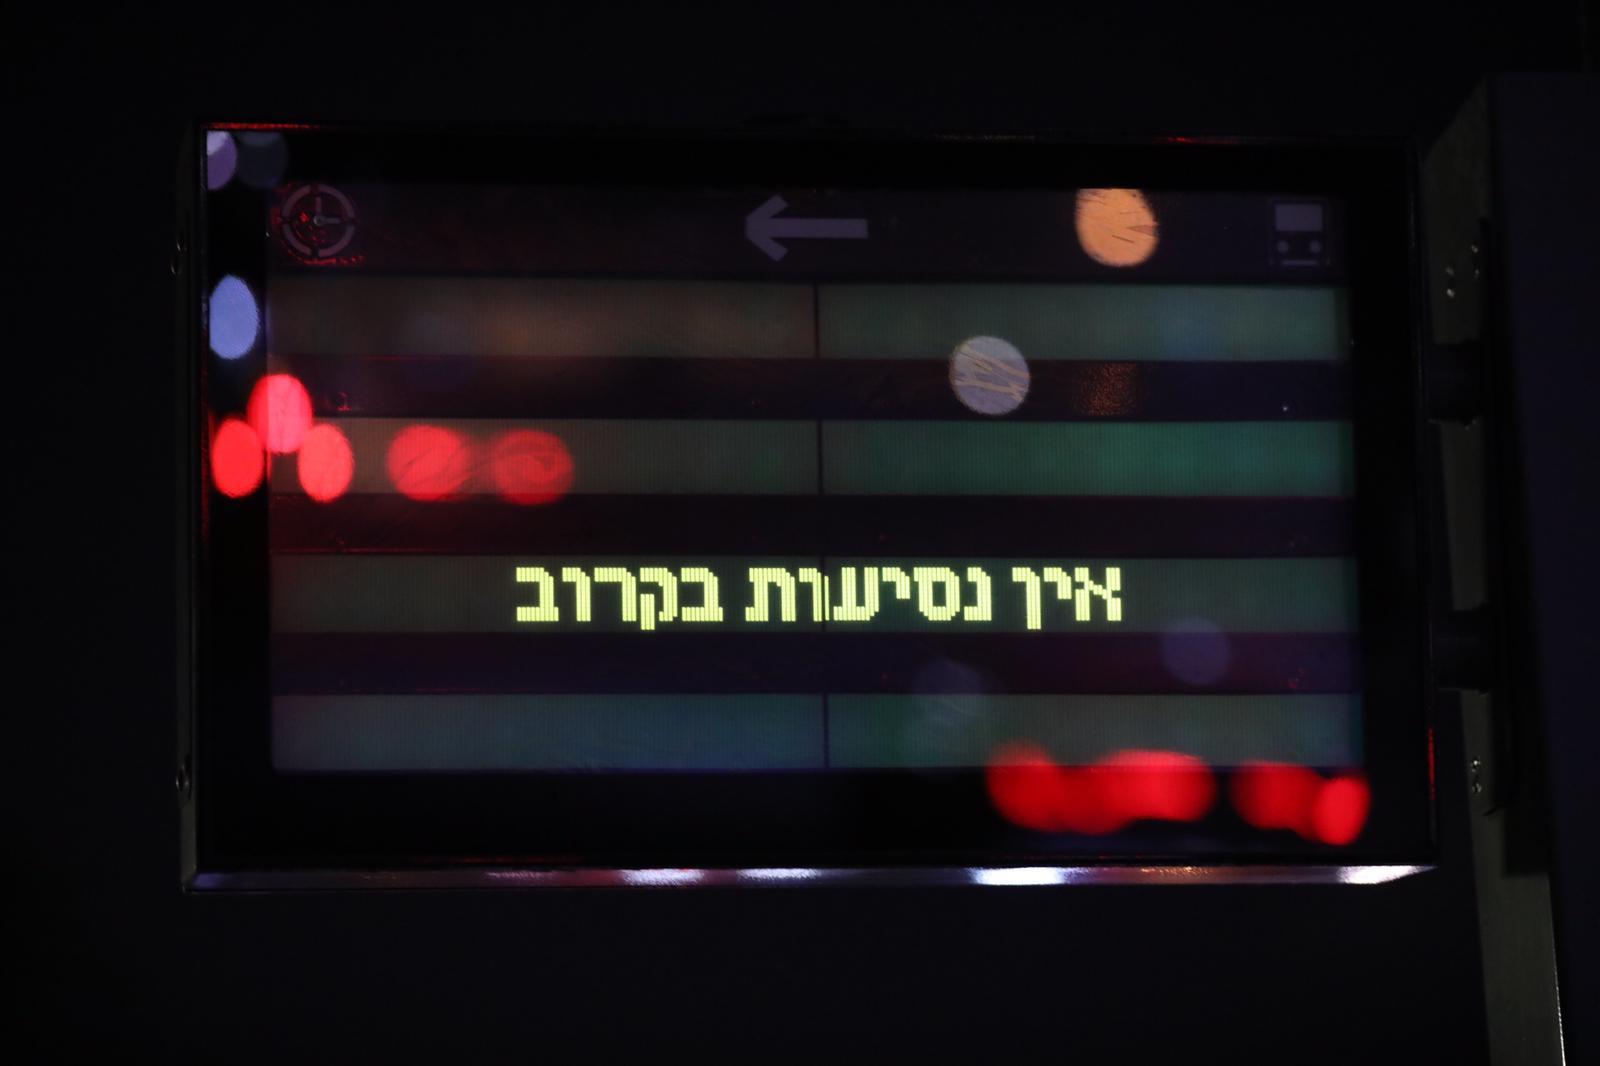 """שובו של הקרב על התחב""""צ. קווי השבת בתל אביב (צילום: דין אהרוני רולנד)"""